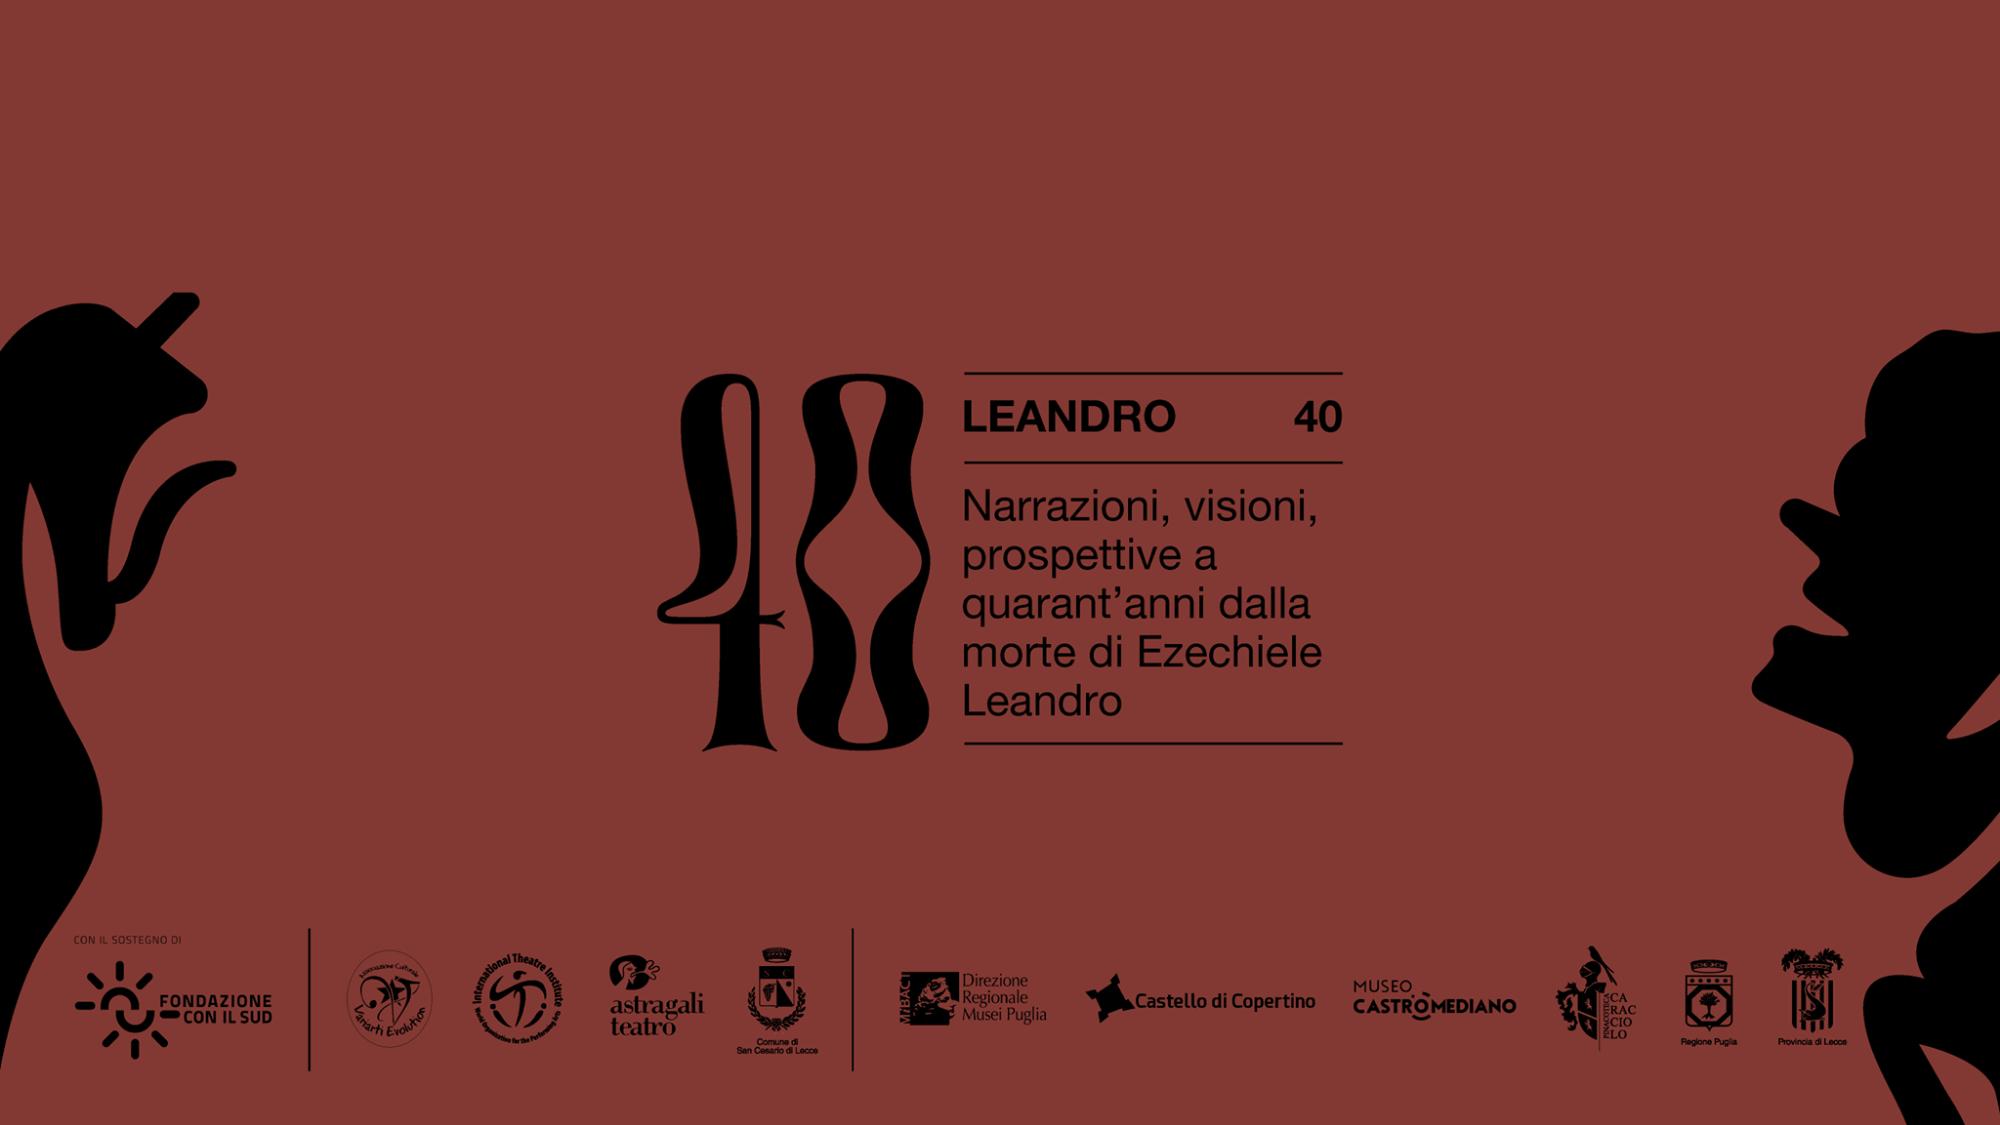 Ezechiele Leandro: